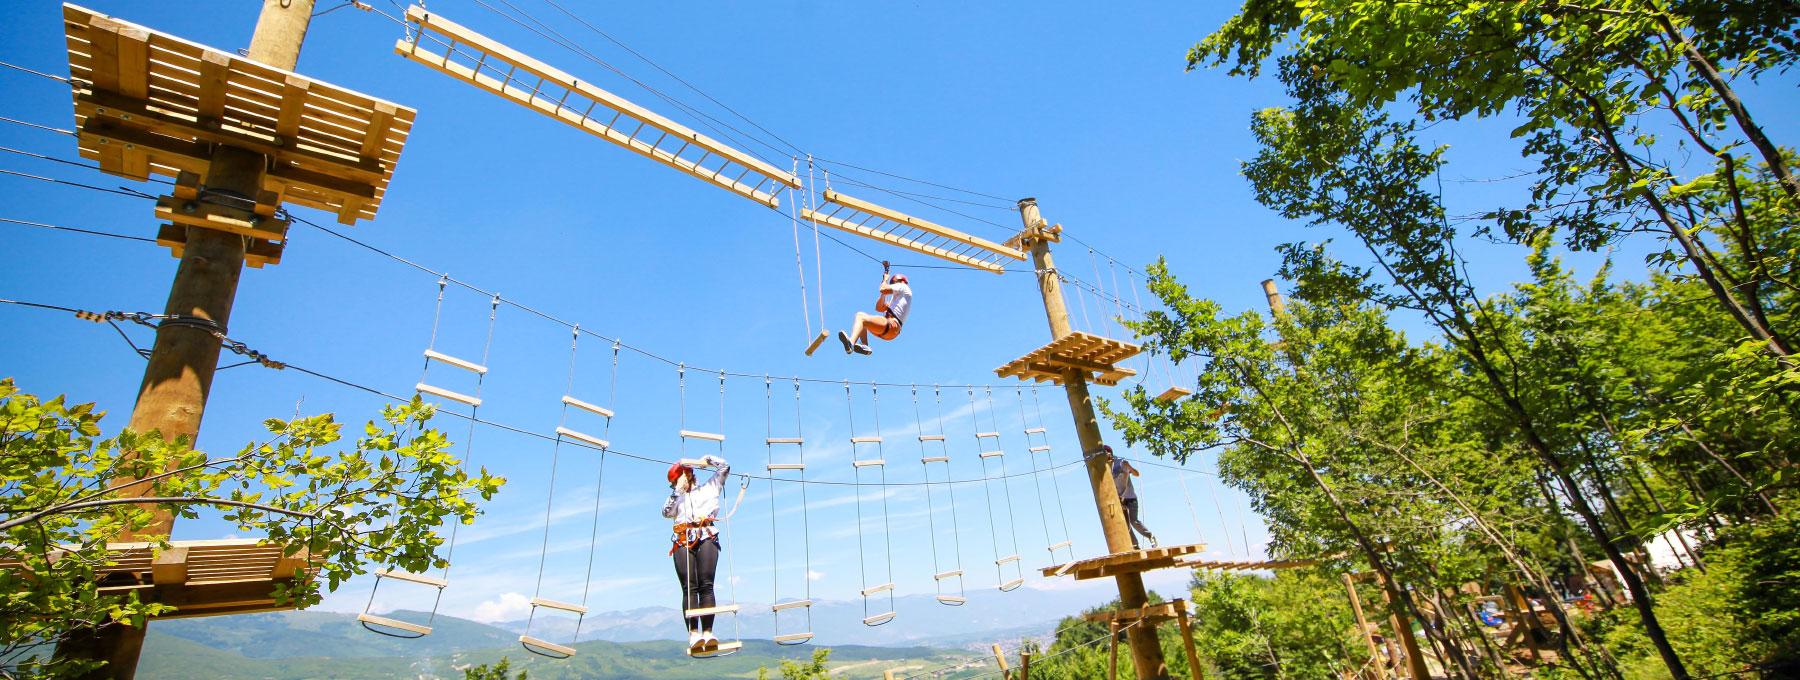 Adventure Park in Pejë/Peć